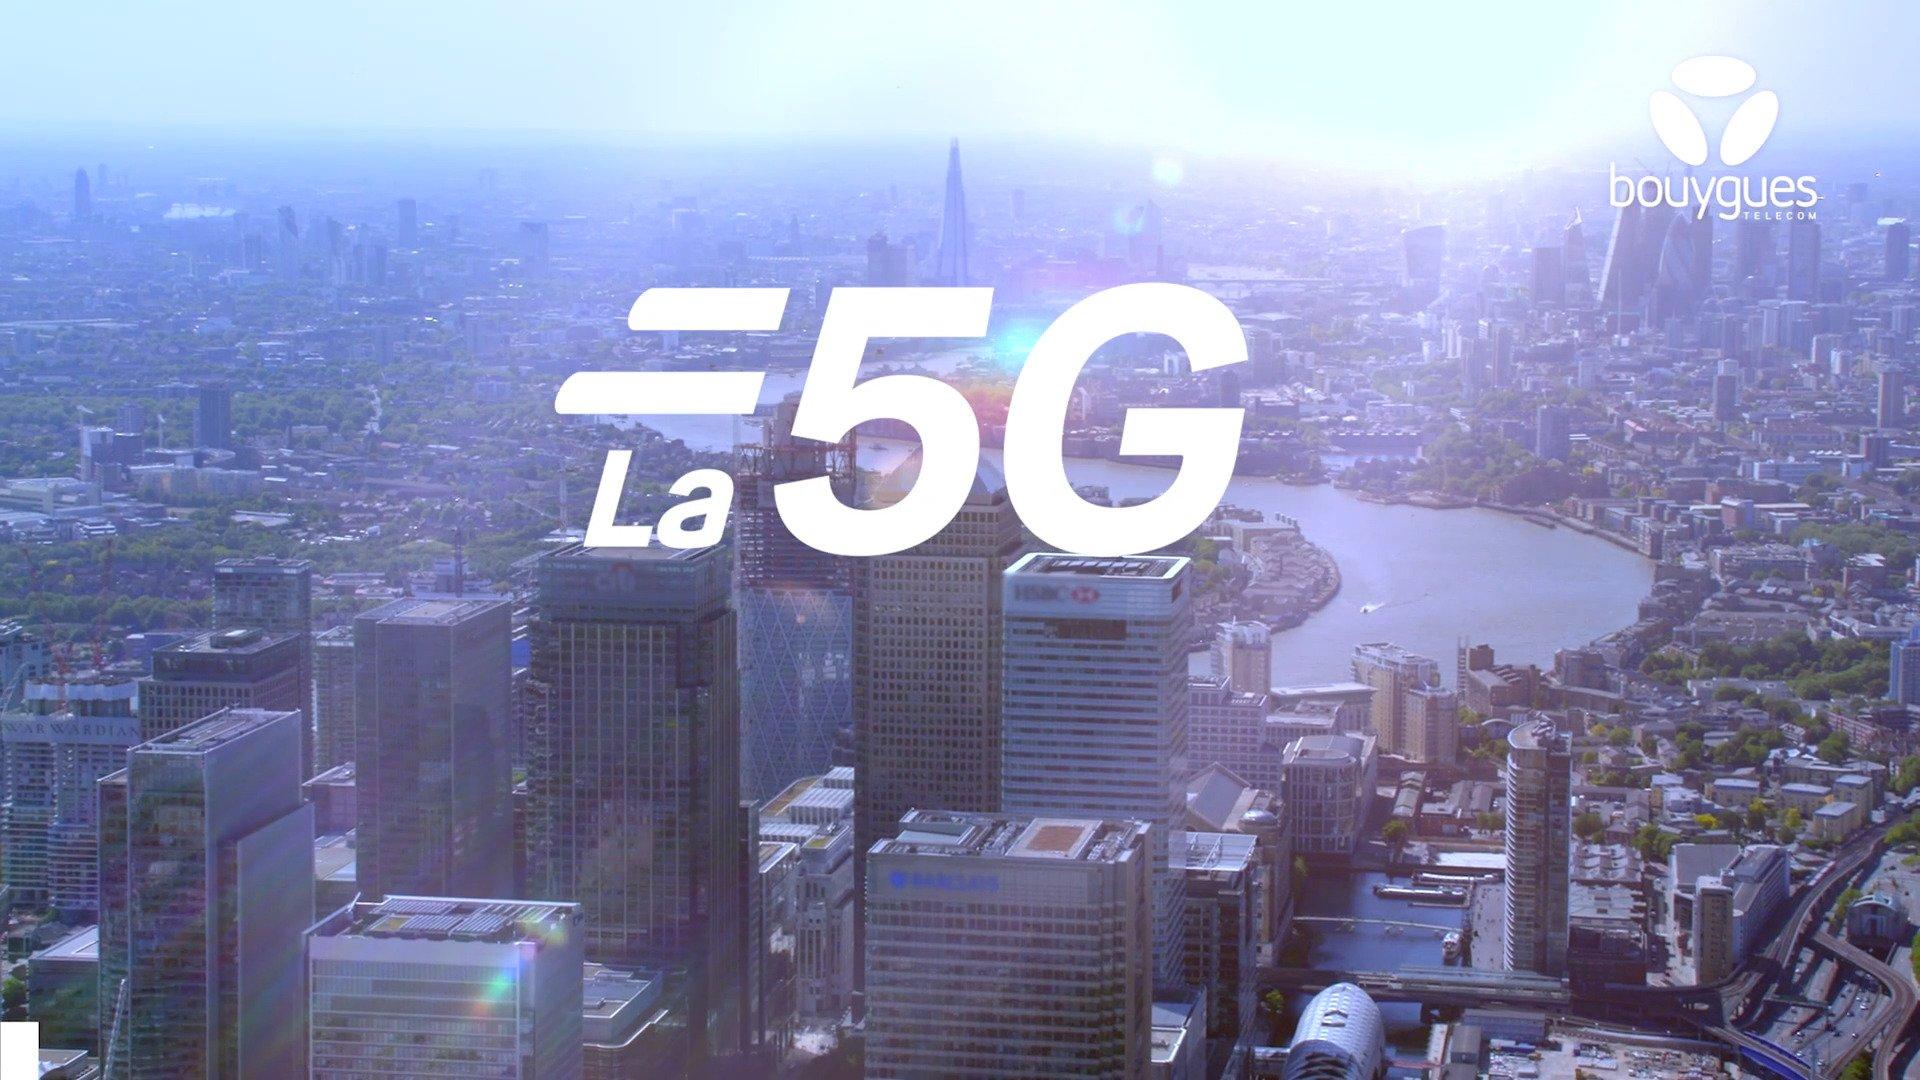 Lille finit par accepter l'ouverture d'un réseau 5G